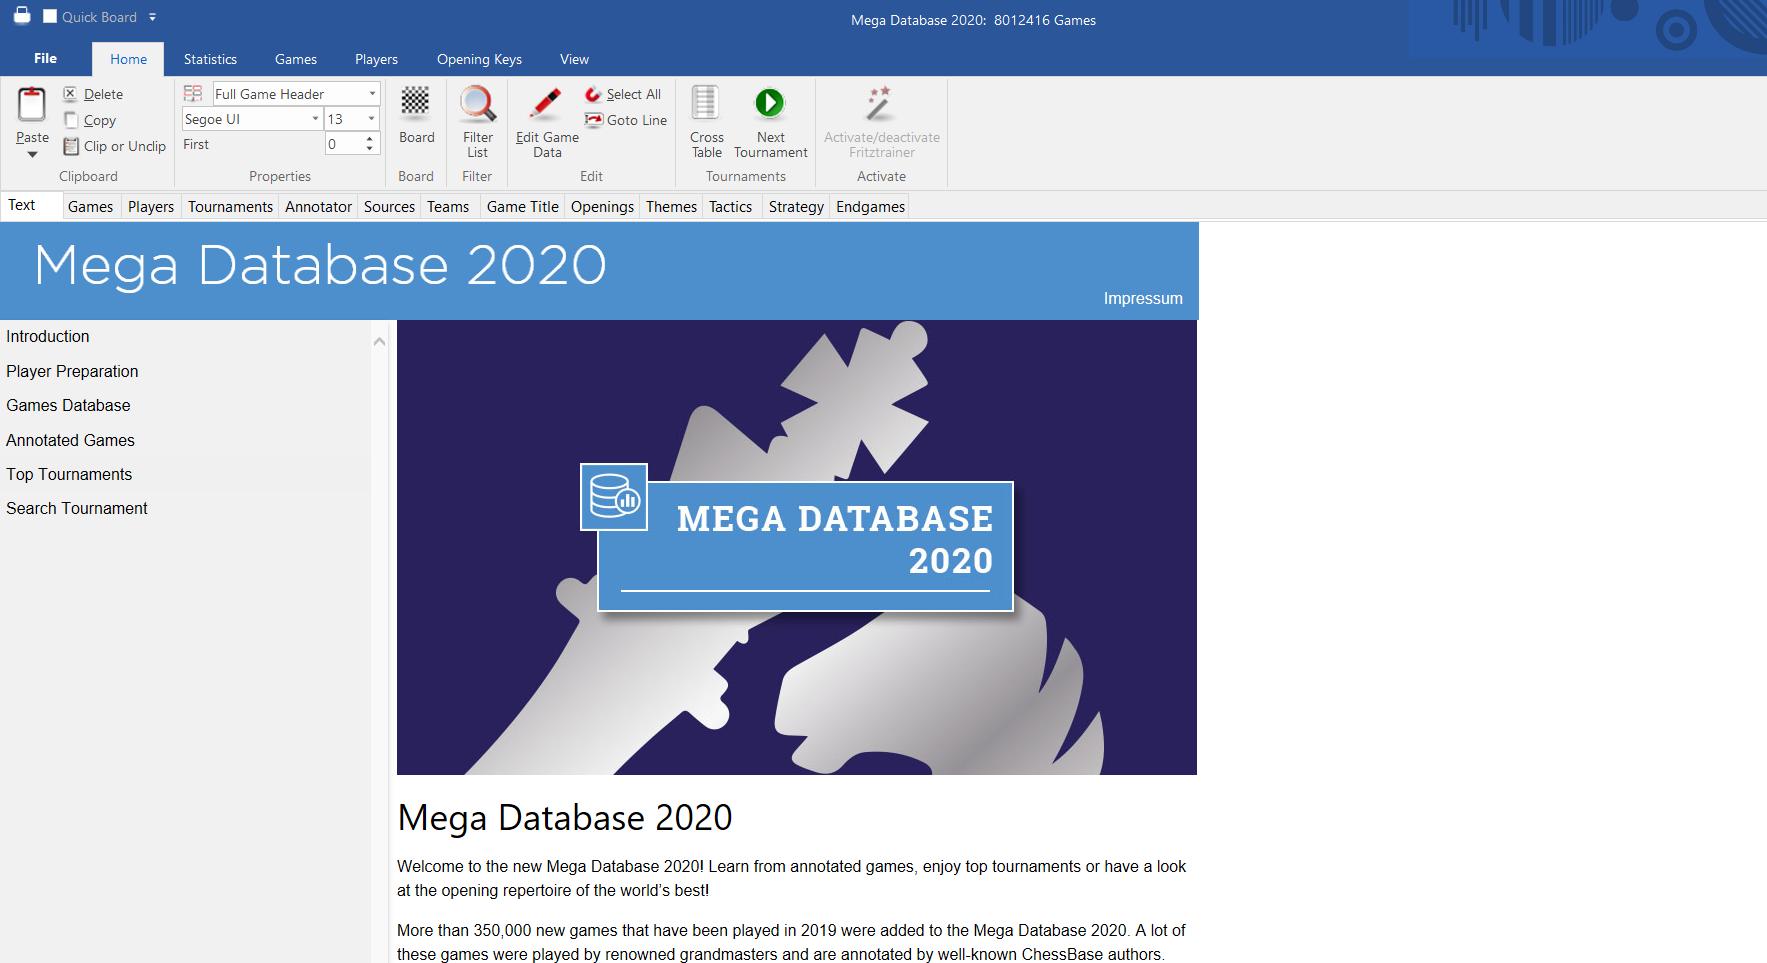 Mega Database 2020 Image